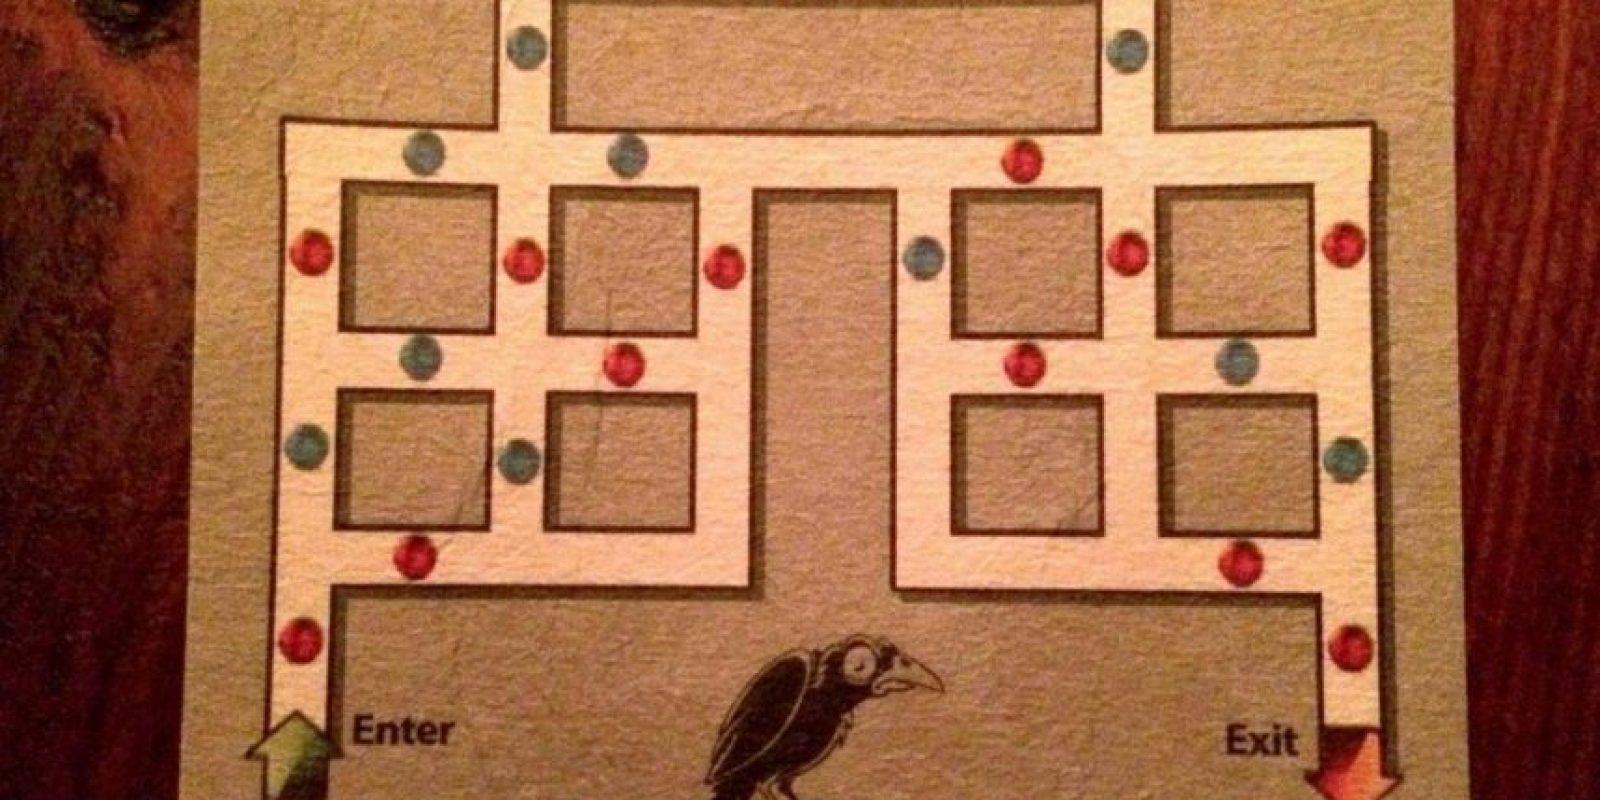 Para salir deben de ir por el camino usando un punto rojo seguido de un azul. Foto:acertijosyenigmas.com